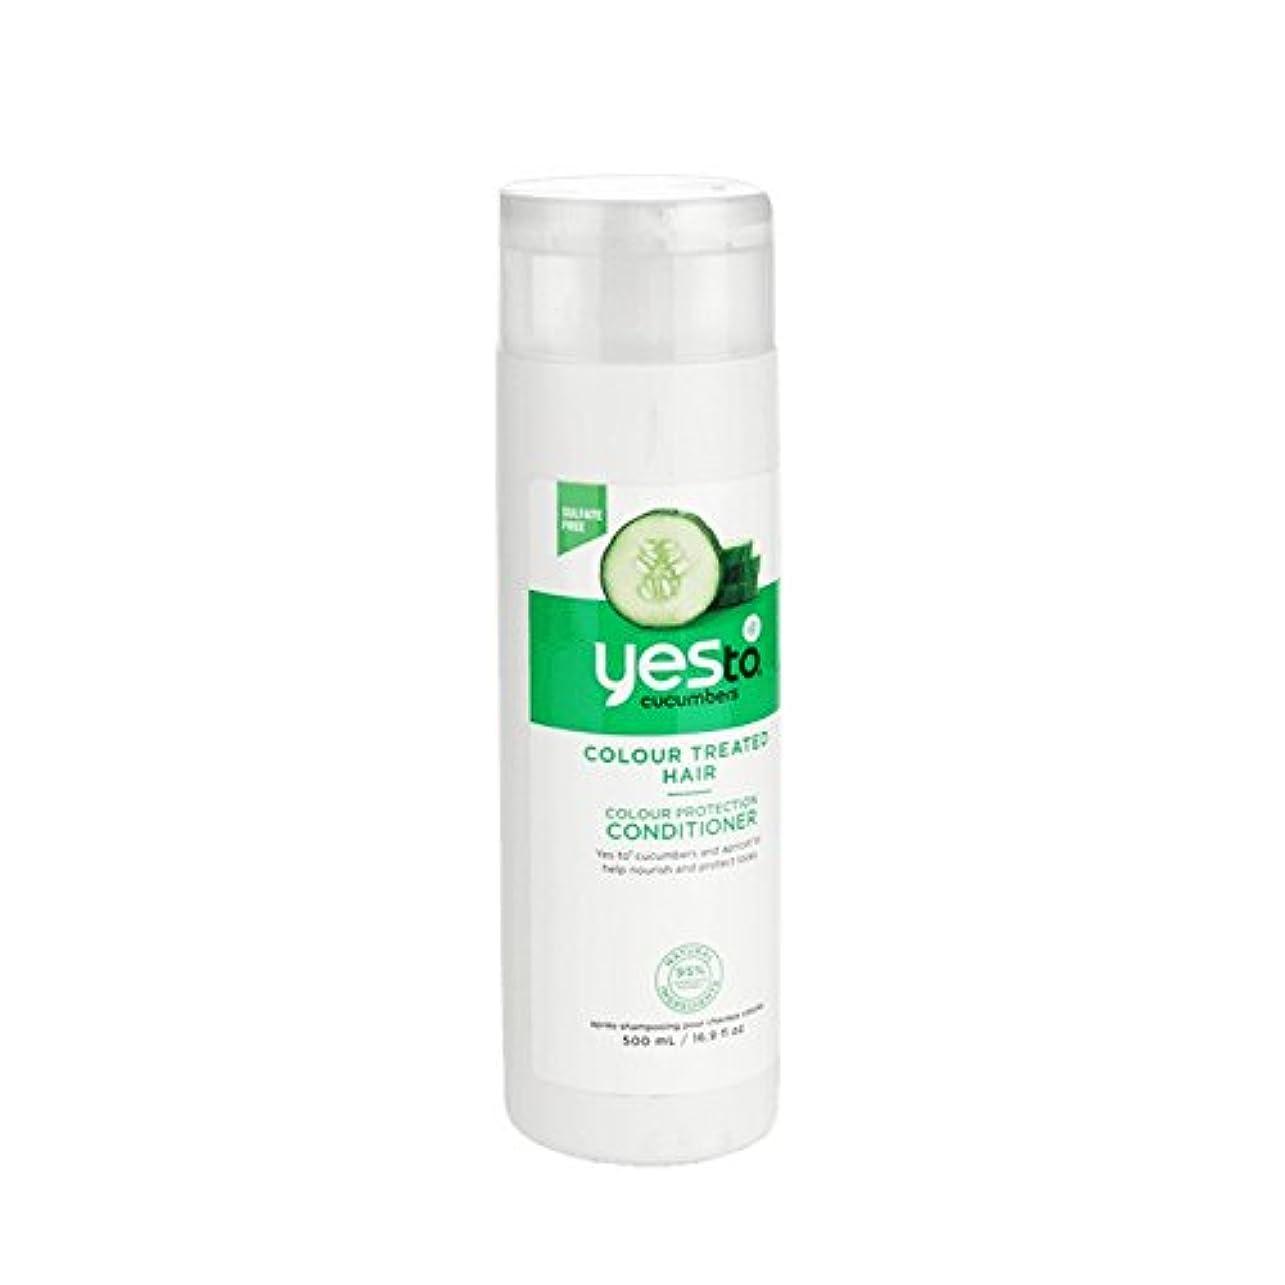 サイト父方の終わりYes To Cucumbers Colour Protection Conditioner 500ml (Pack of 2) - はいキュウリの色の保護コンディショナー500ミリリットルへ (x2) [並行輸入品]